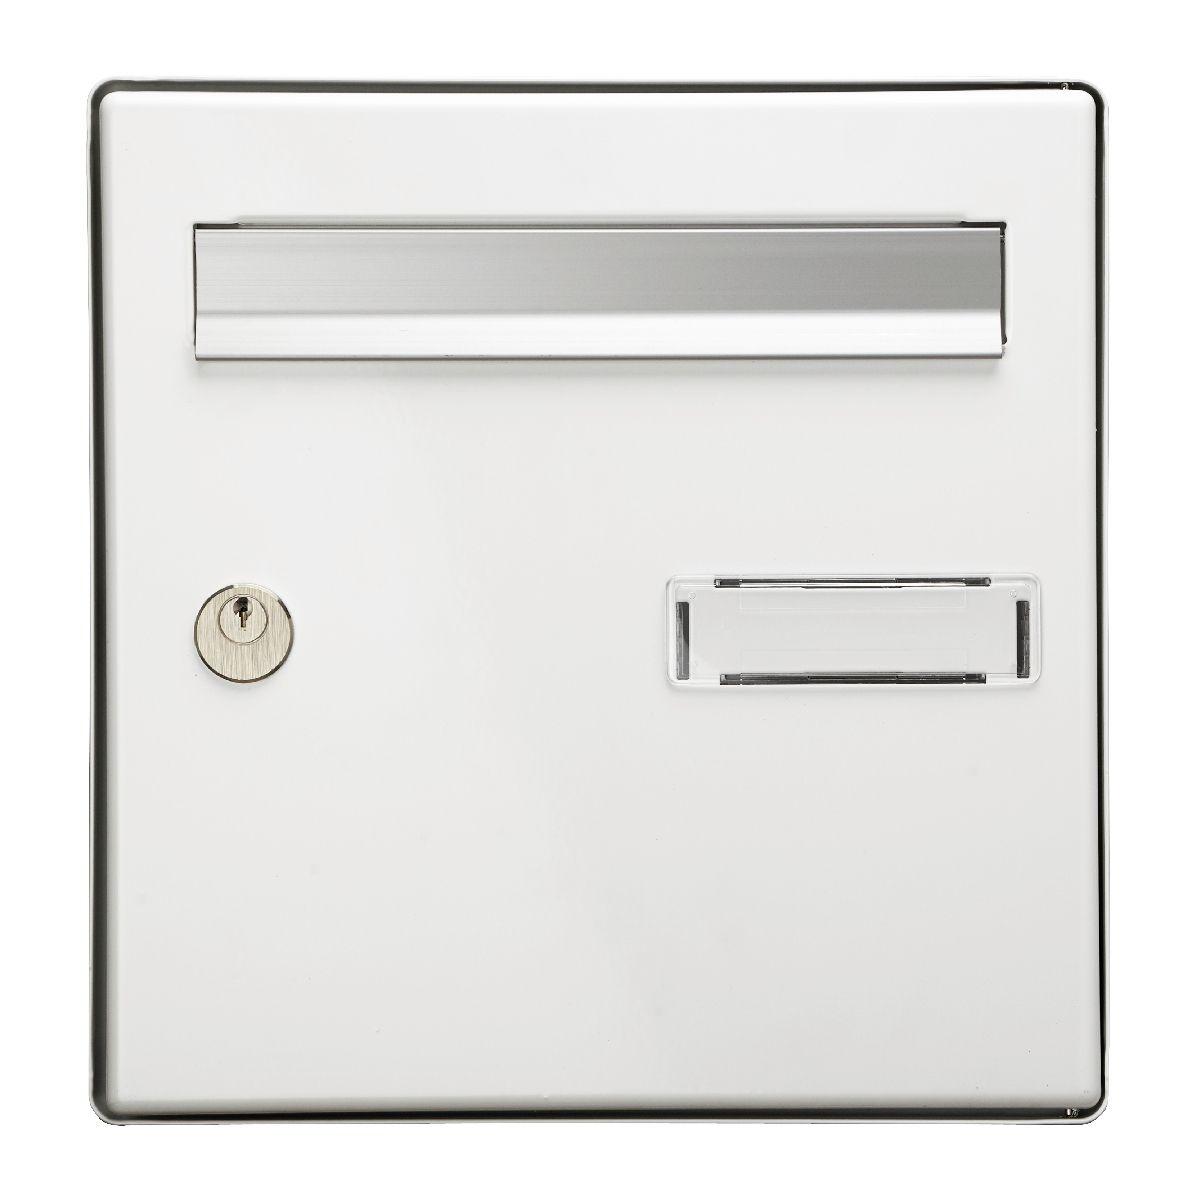 plaque boite aux lettres opter pour le meilleur mod le. Black Bedroom Furniture Sets. Home Design Ideas